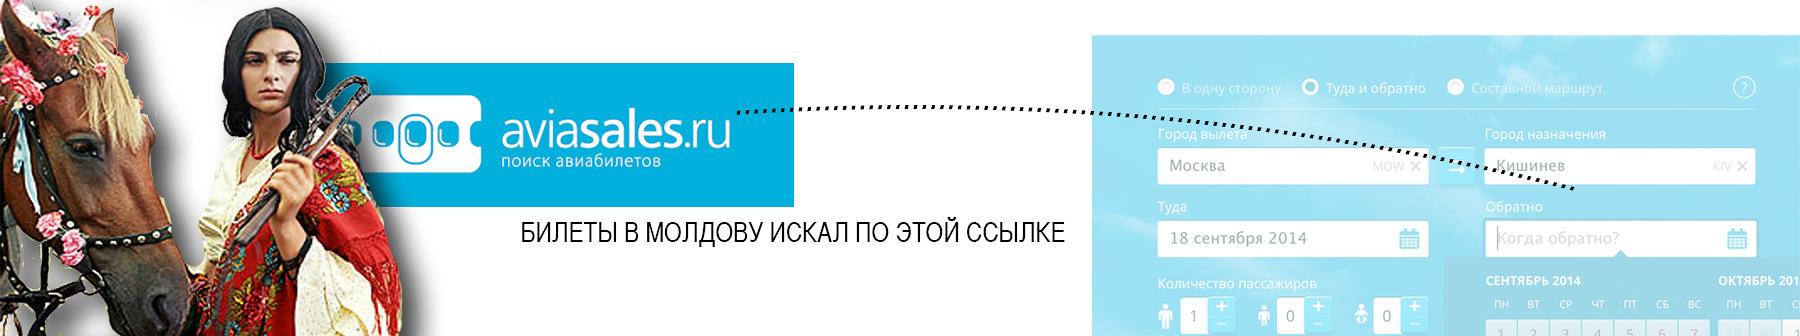 ВСЕ ЦЫГАНЕ ЗА ПУТИНА. ИНФА 100% _29